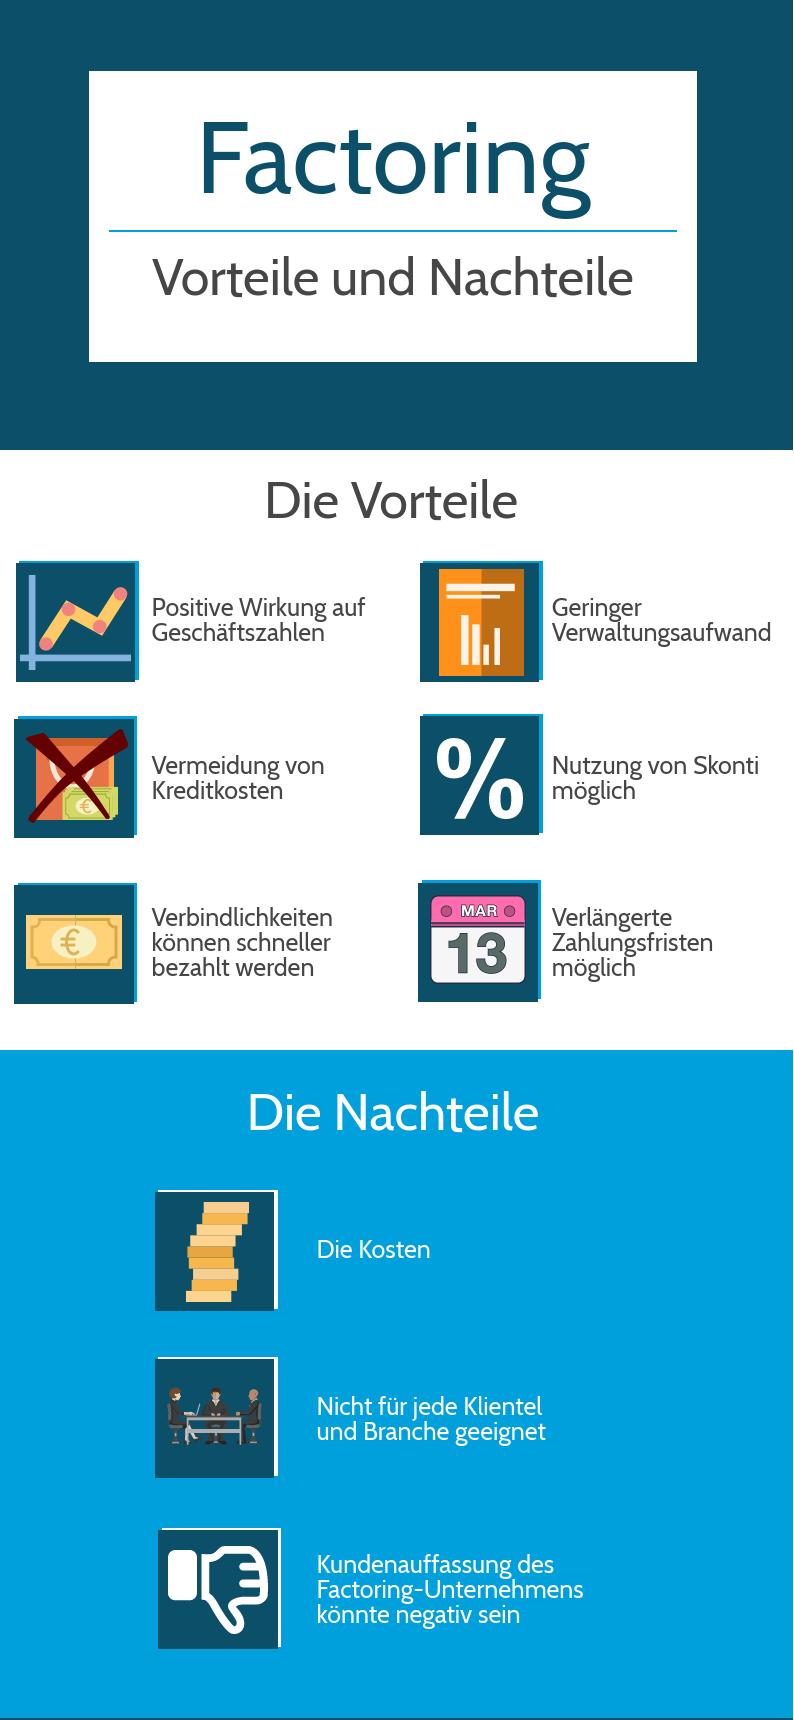 Factoring: Vor- und Nachteile. Bild: Factoring-Anbieter.de